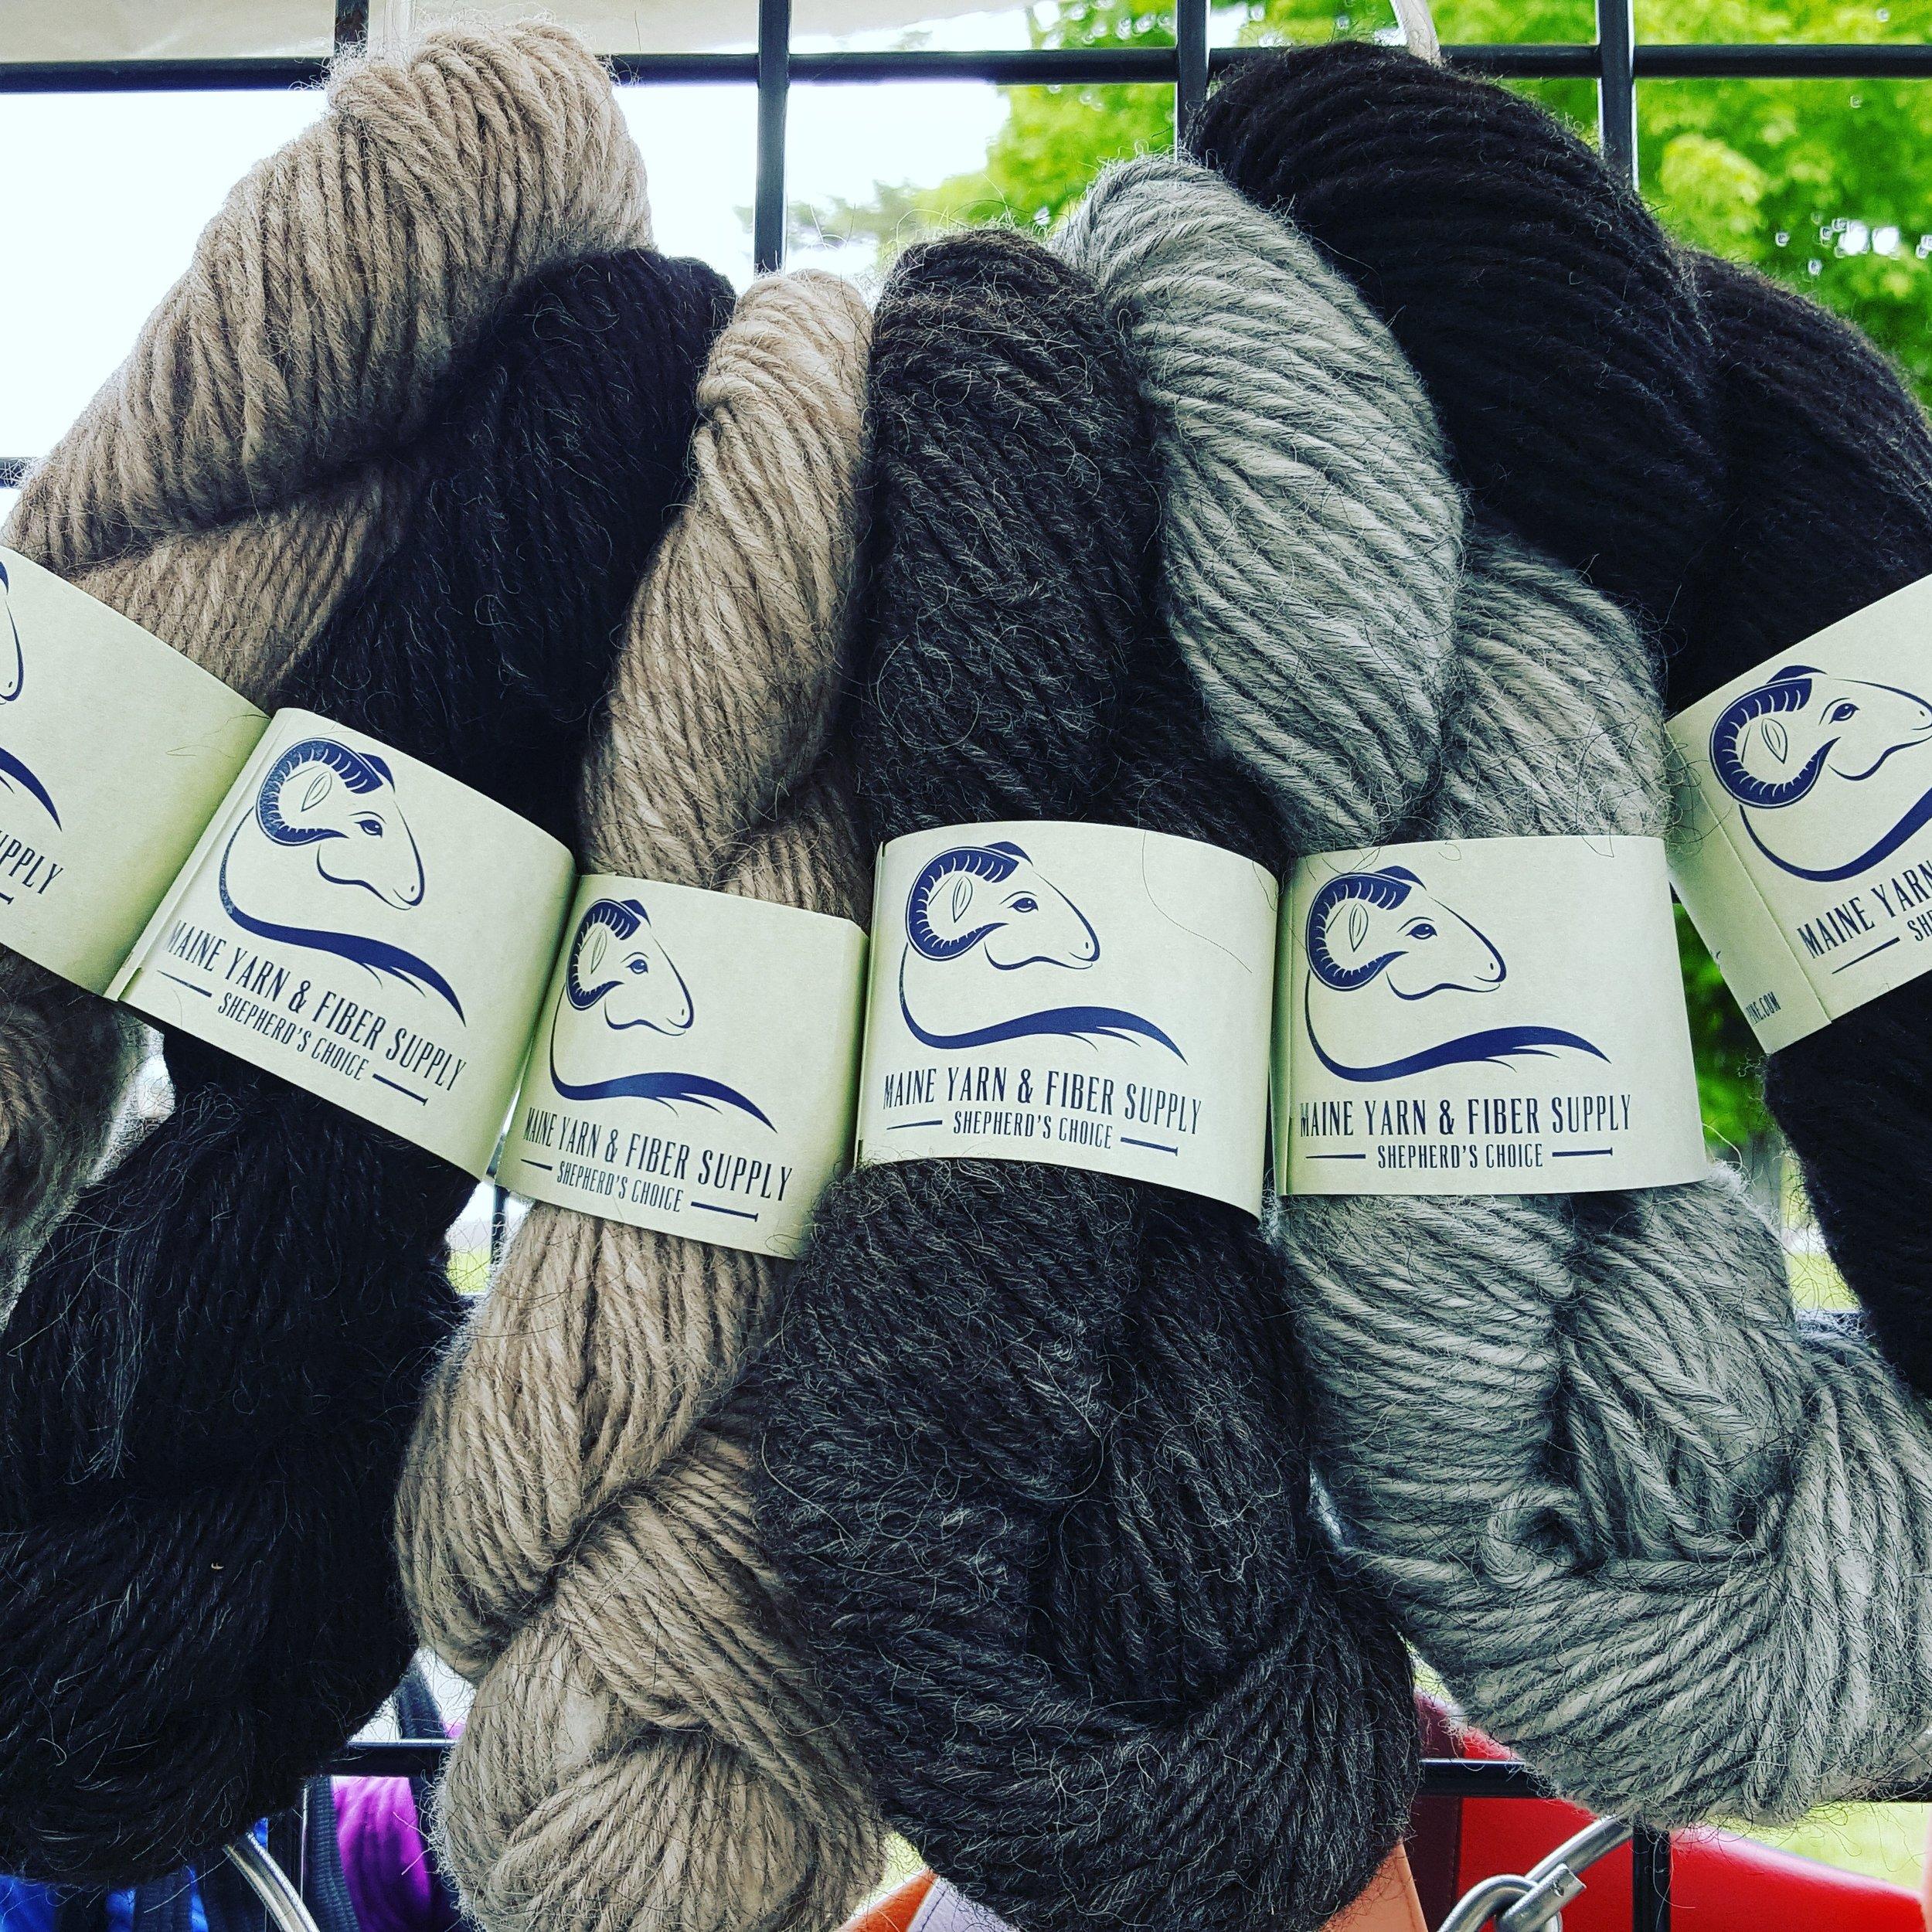 Lopi Spun Icelandic yarn at Fiber Frolic